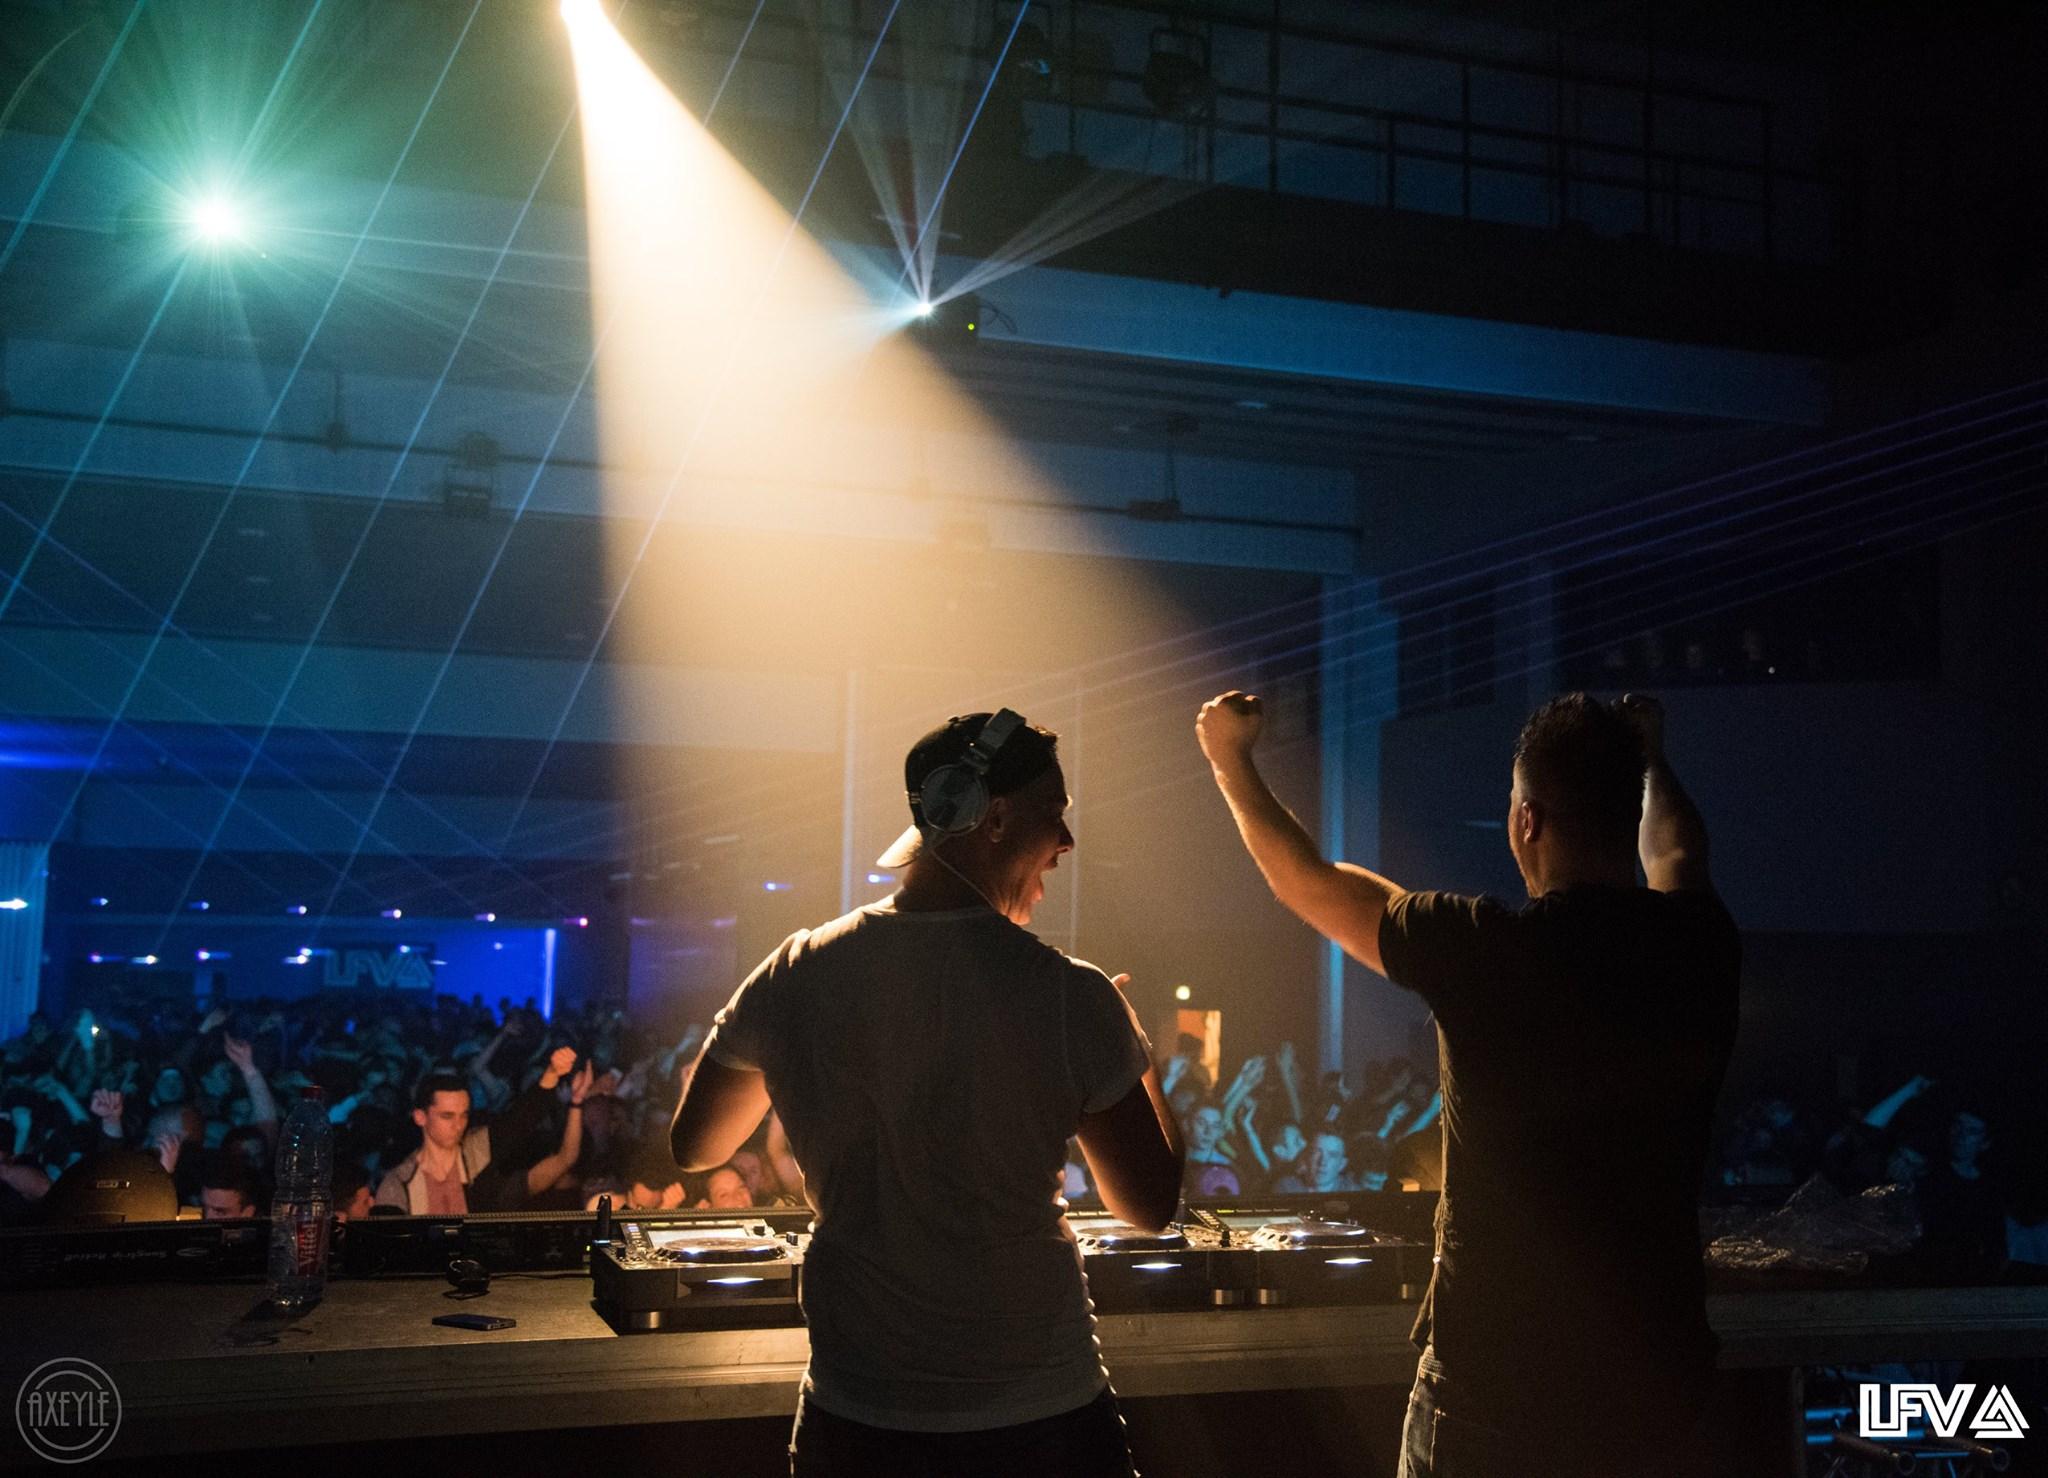 Les festivaliers lors de la 2ème édition de LFV Festival - Festival Hardstyle français